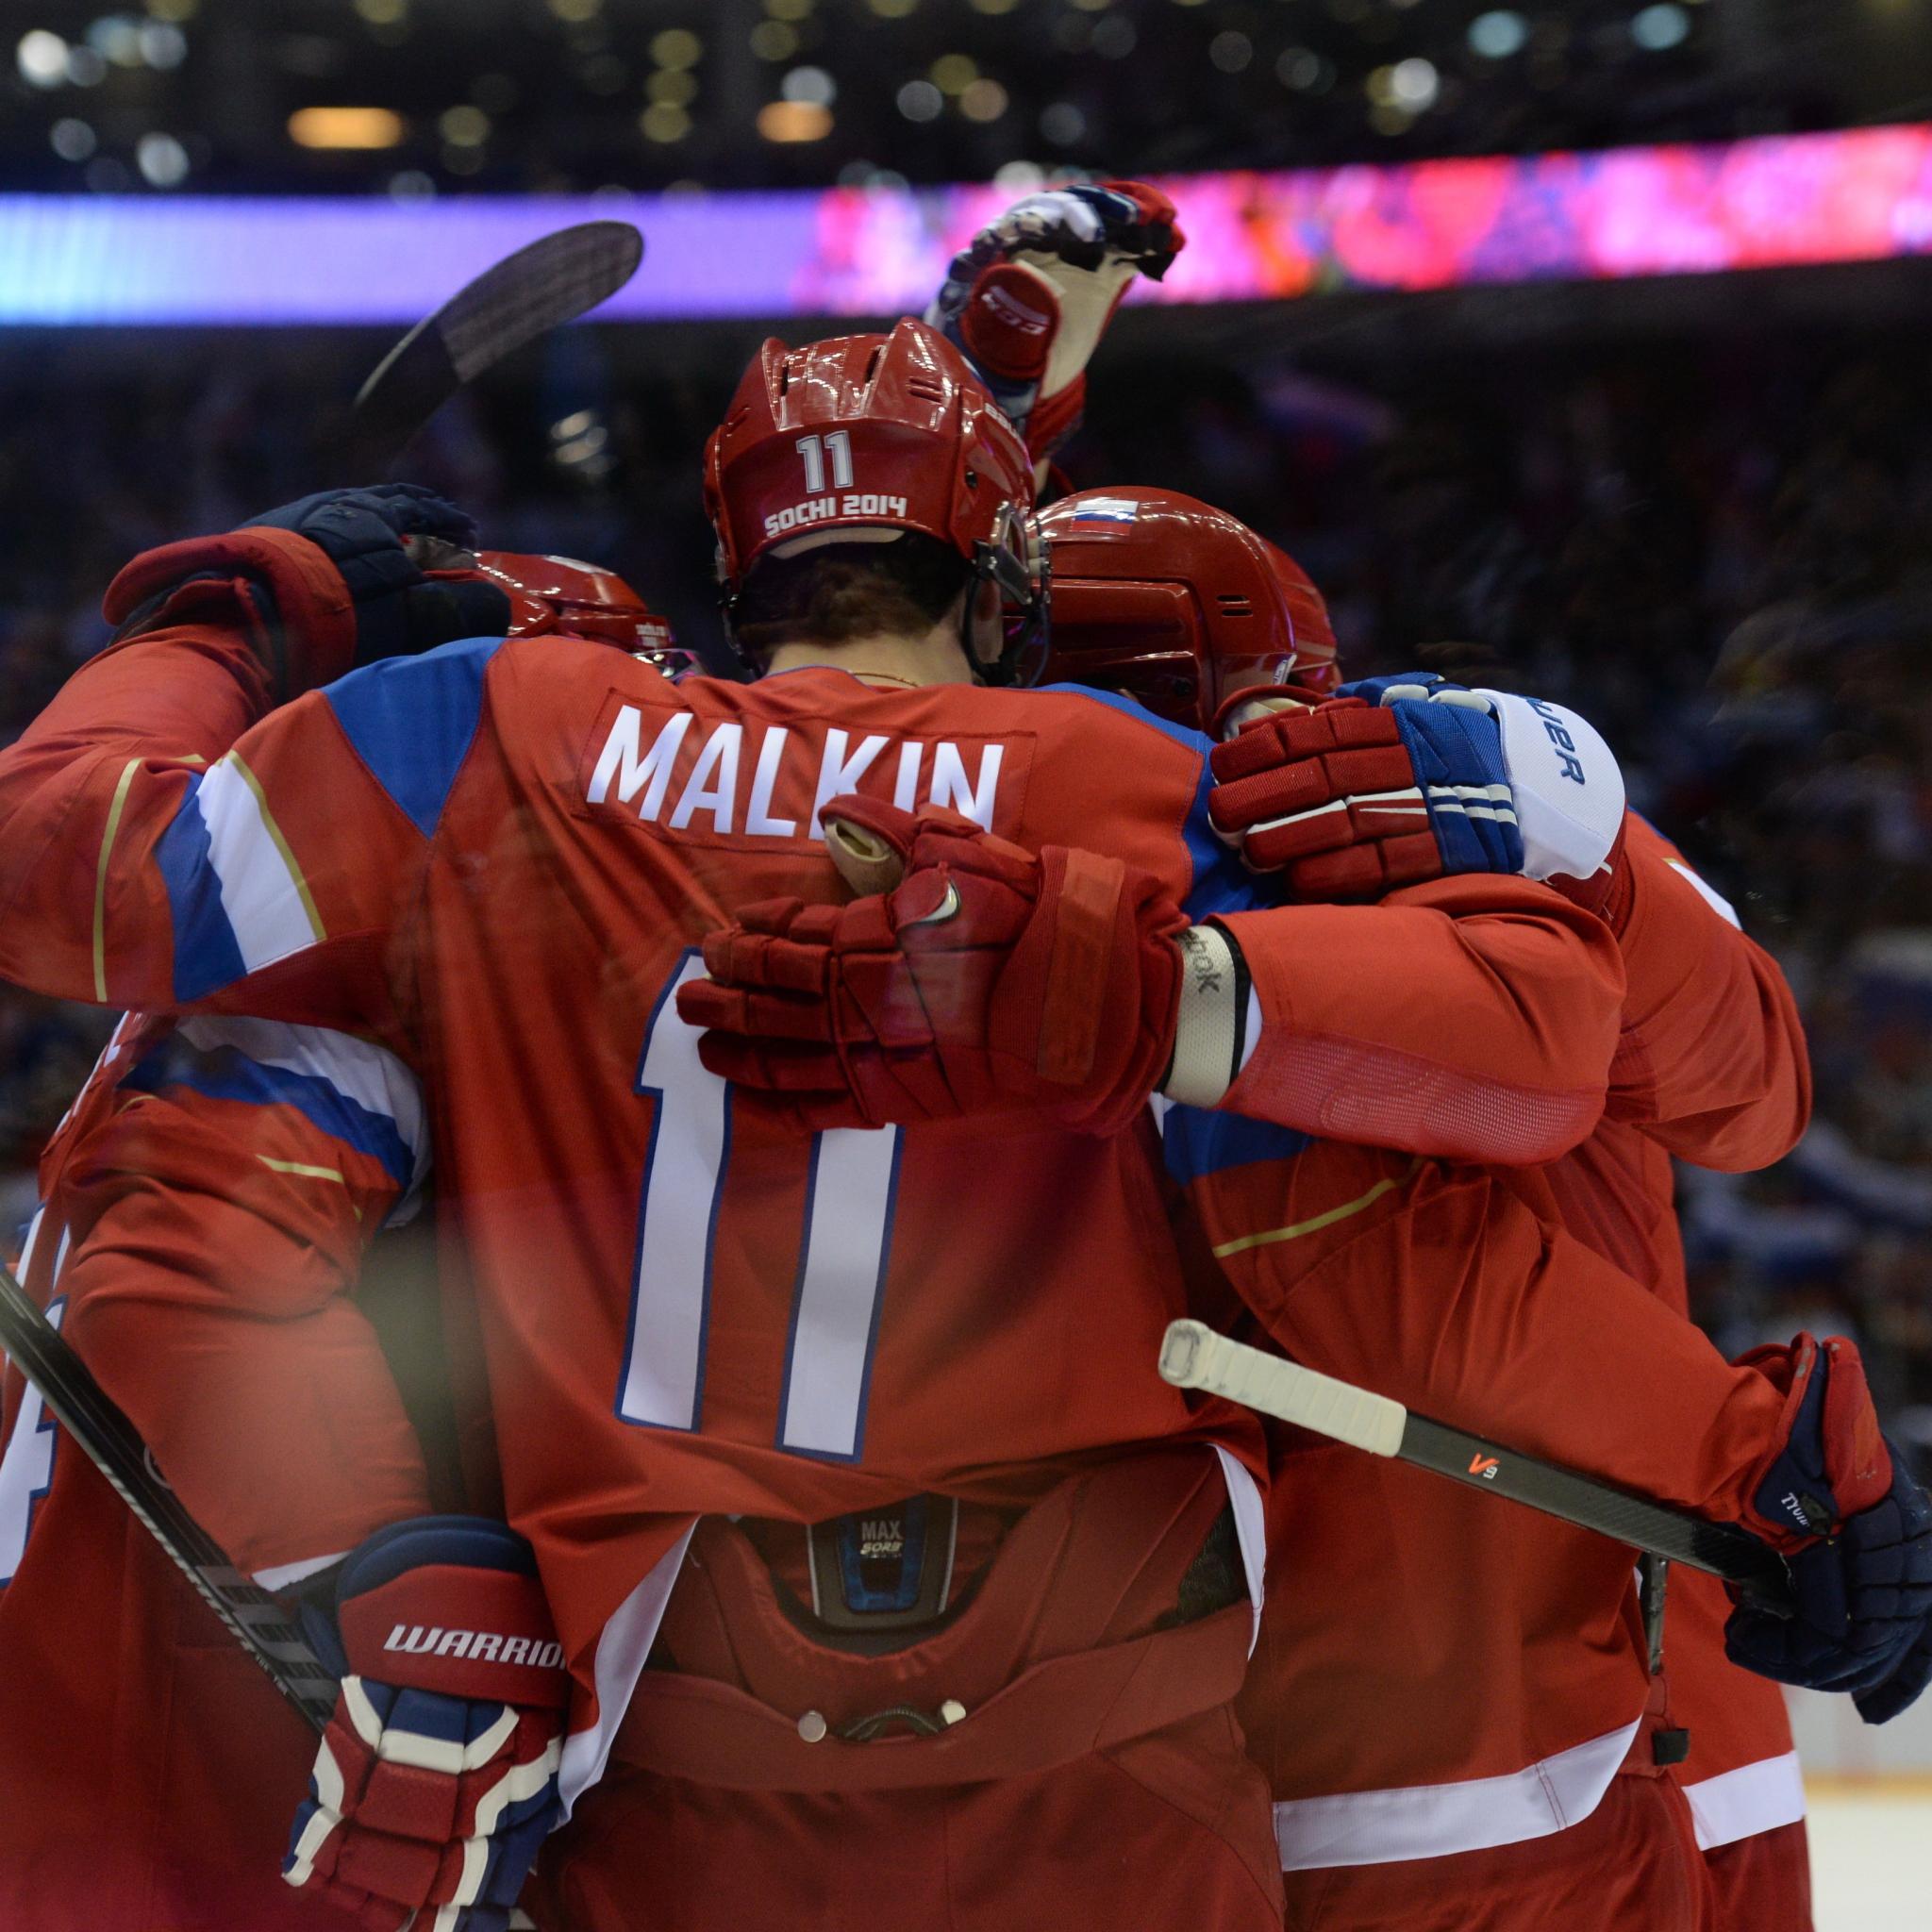 хоккей фото на телефон поисках настольных